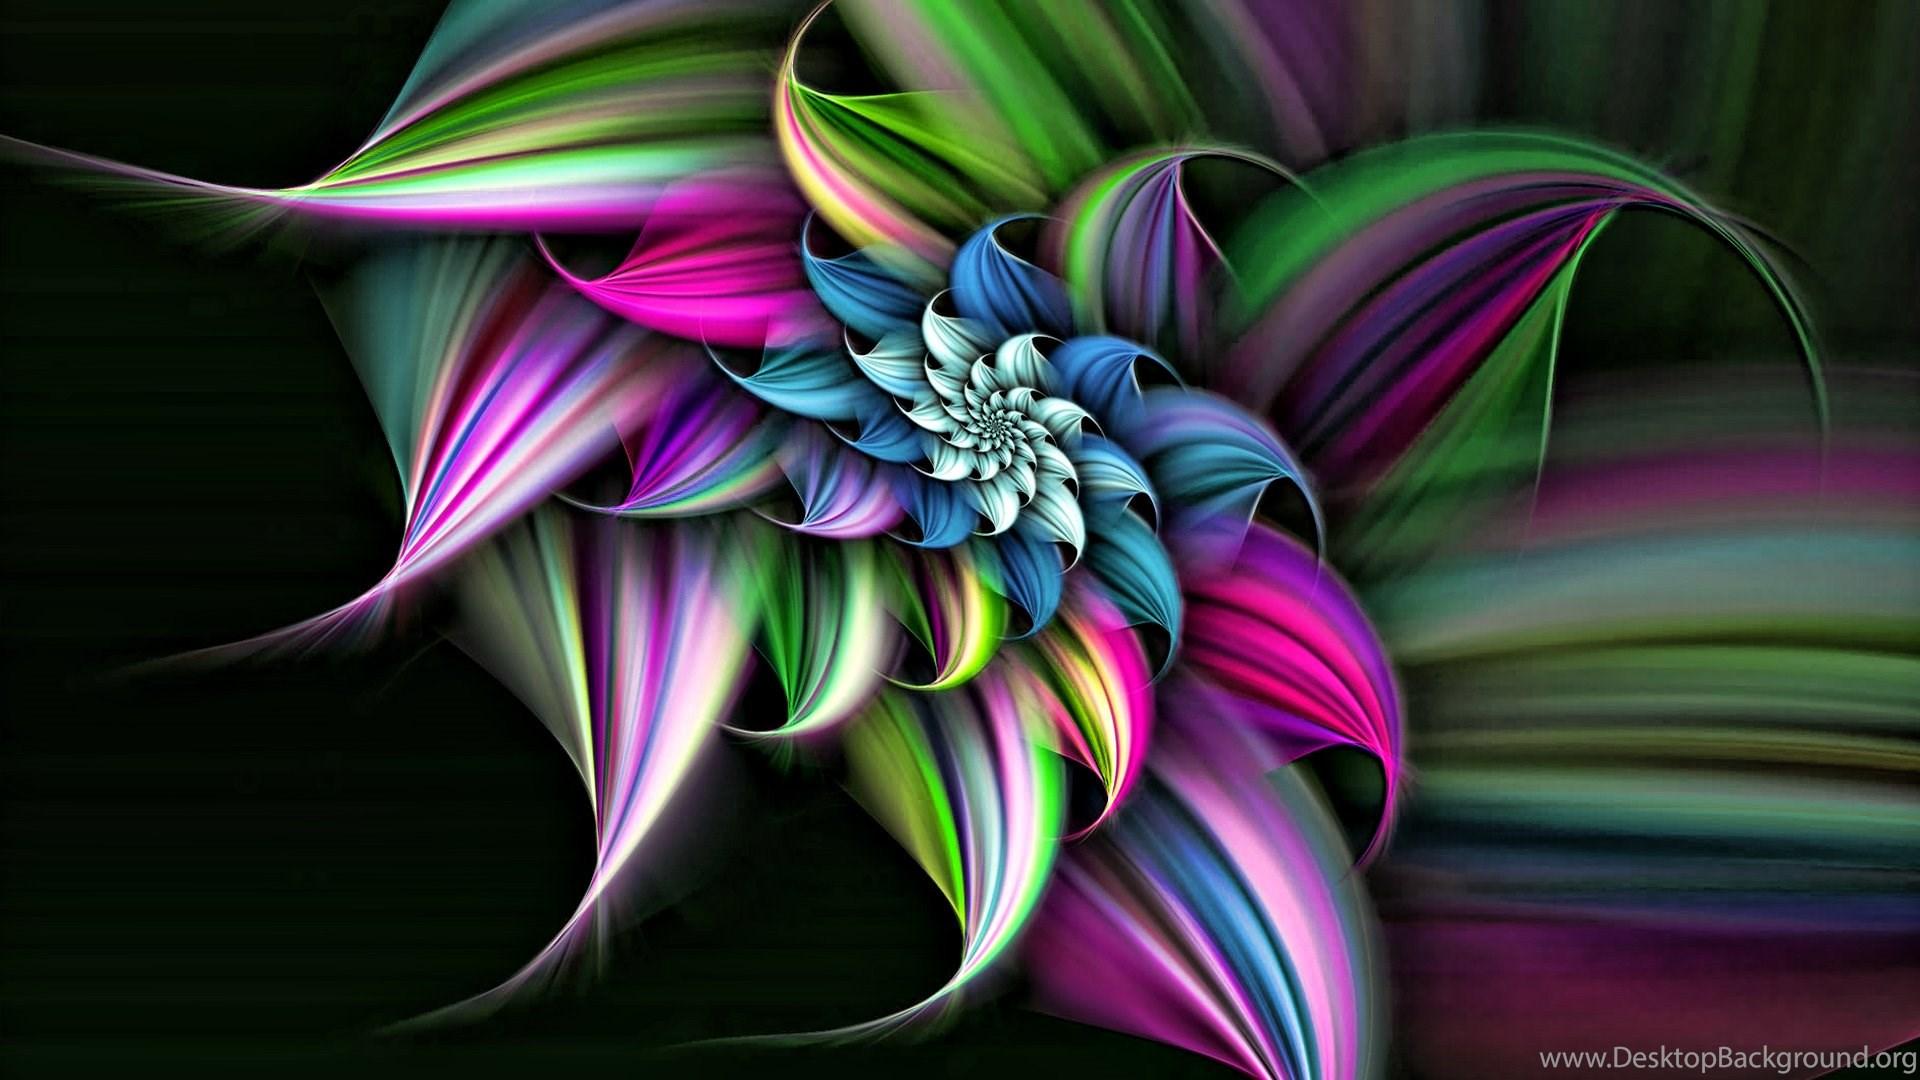 High Resolution Cool 3d Flower Desktop Wallpapers Hd 5 Full Size